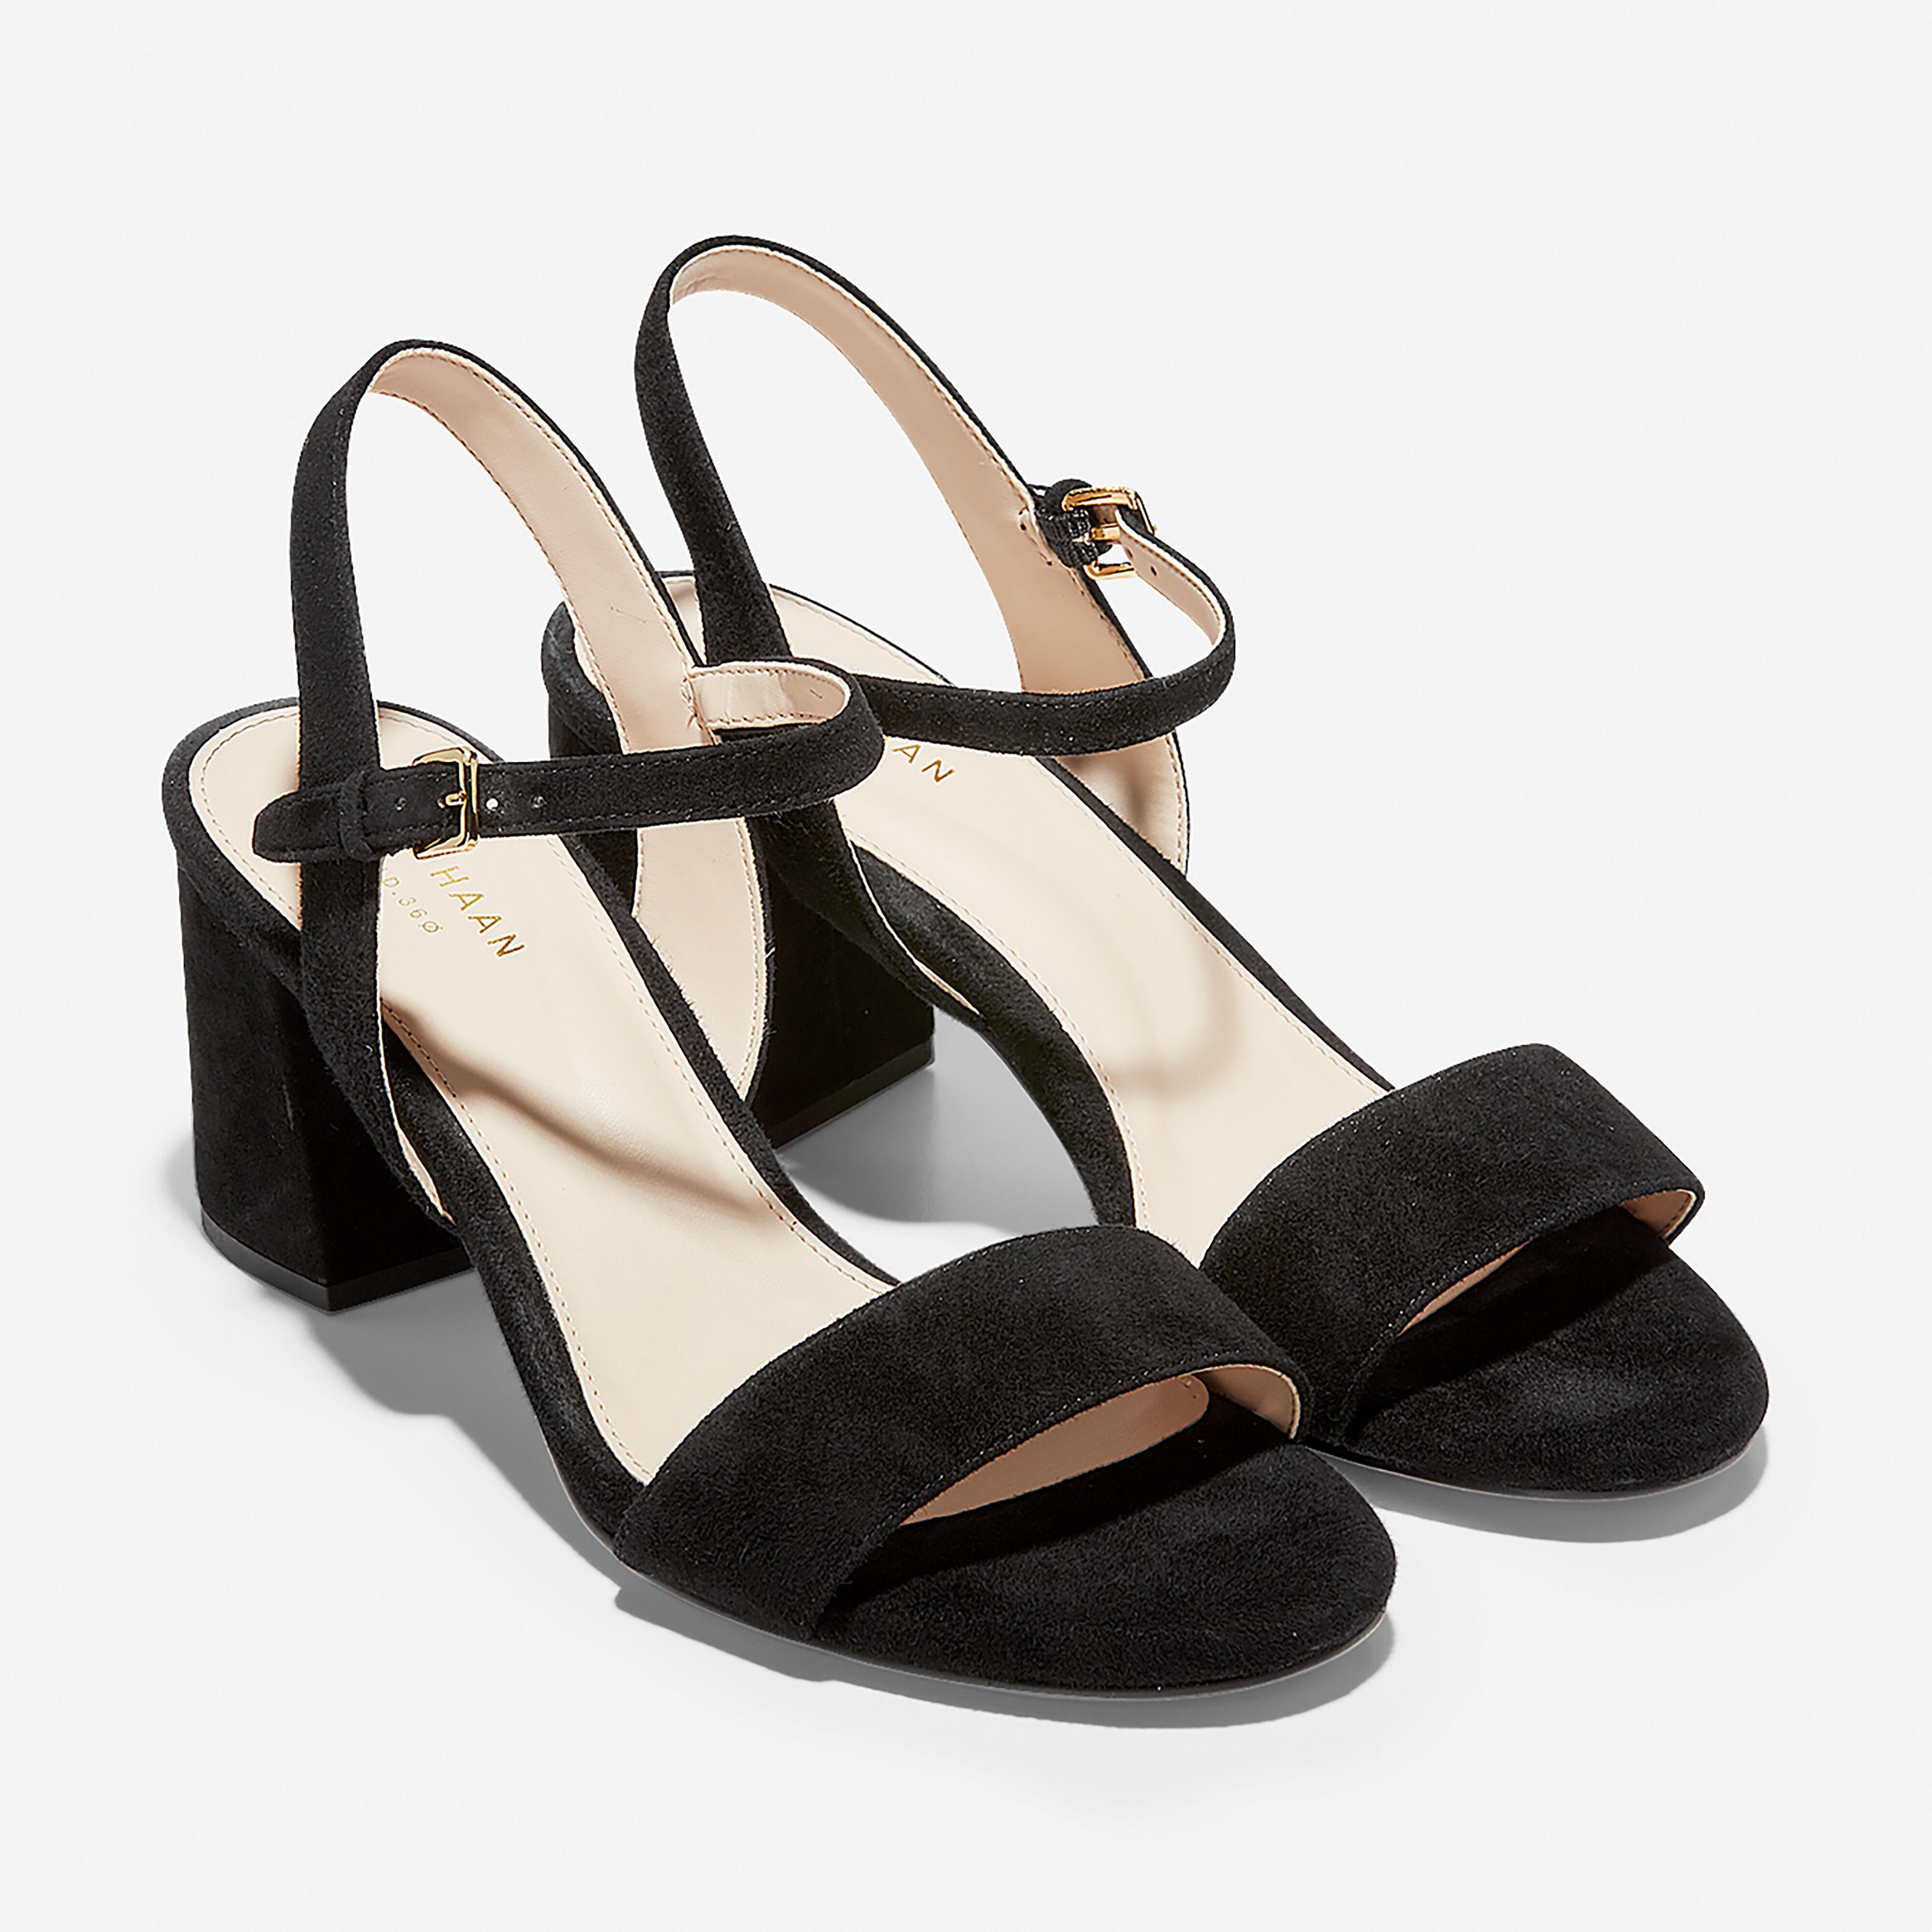 Josie Block Heel Sandal in Black Suede